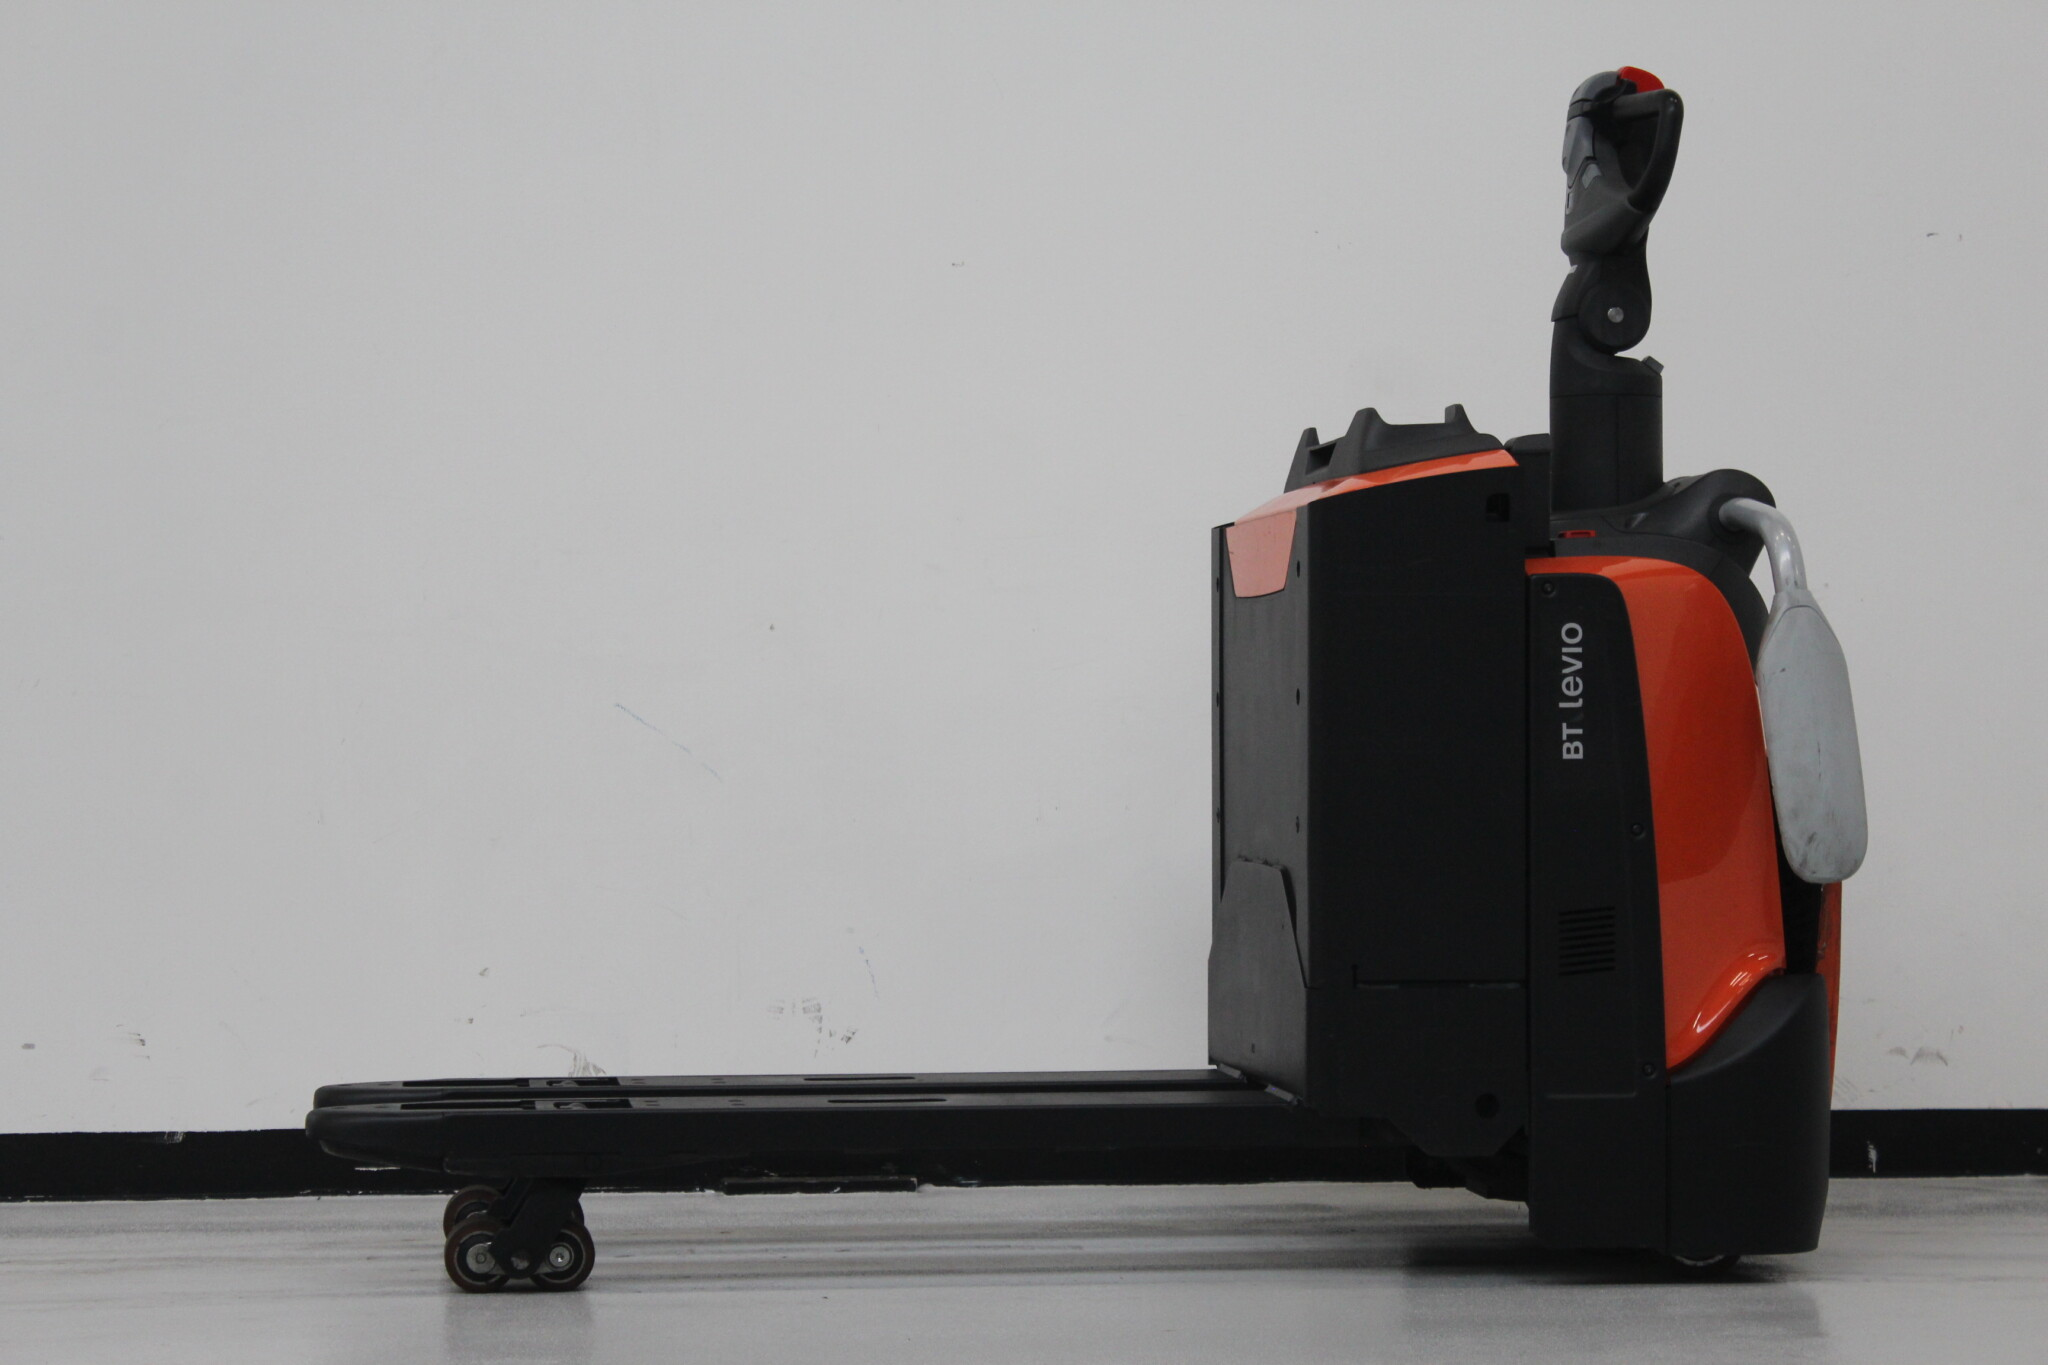 Toyota-Gabelstapler-59840 1702005296 1 scaled